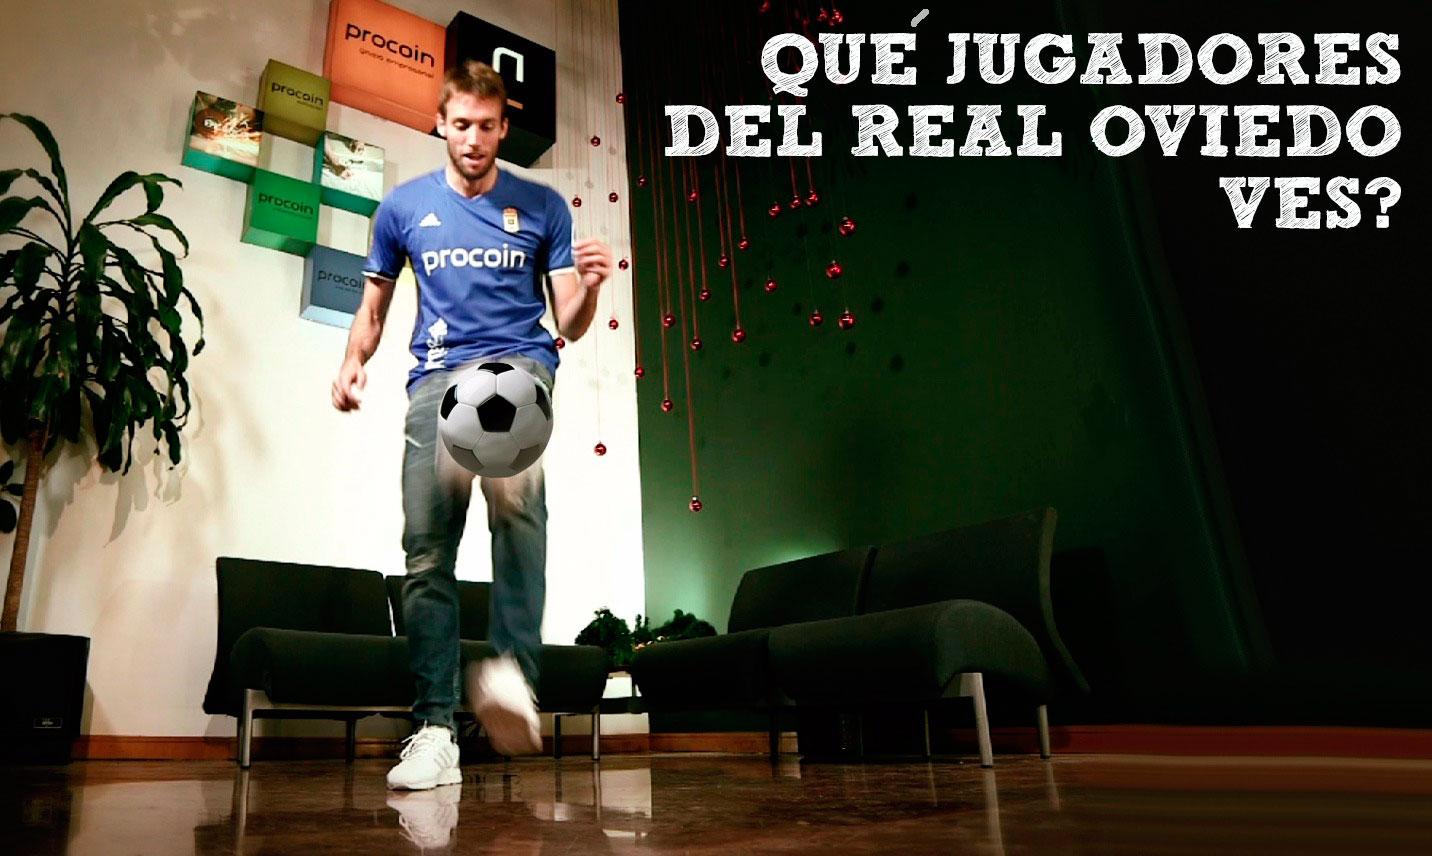 ¿Qué jugadores del Real Oviedo viste en el vídeo?